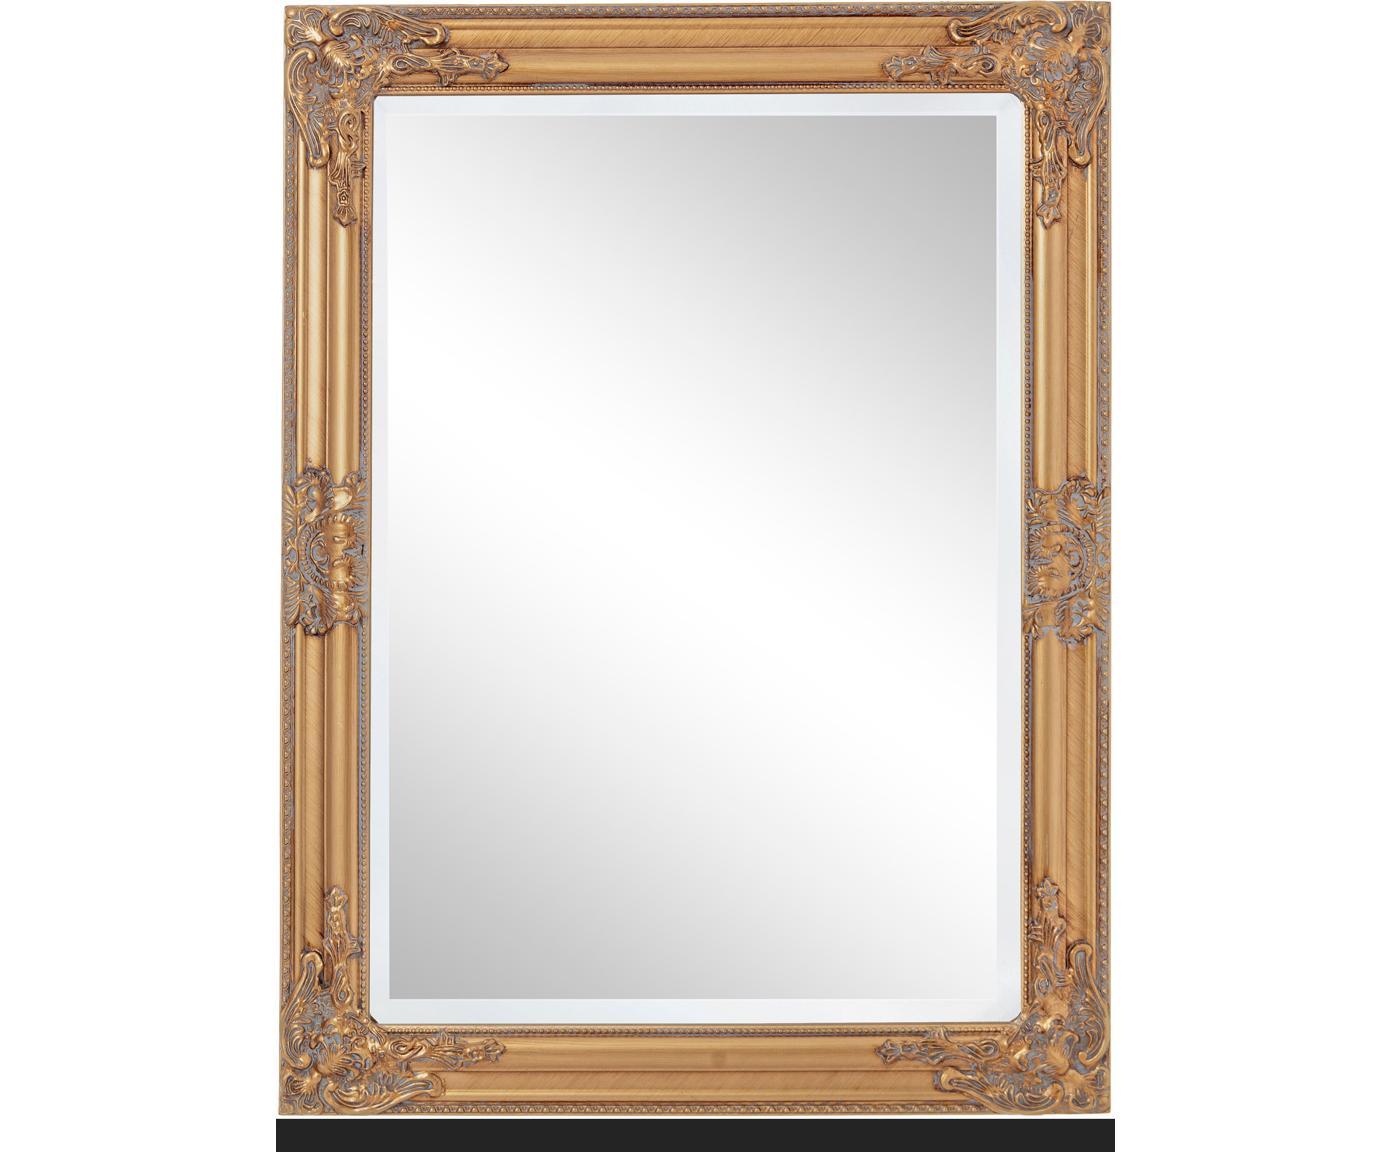 Specchio da parete con cornice dorata effetto vintage Miro, Cornice: legno, rivestito, Superficie dello specchio: lastra di vetro, Dorato, Larg. 62 x Alt. 82 cm